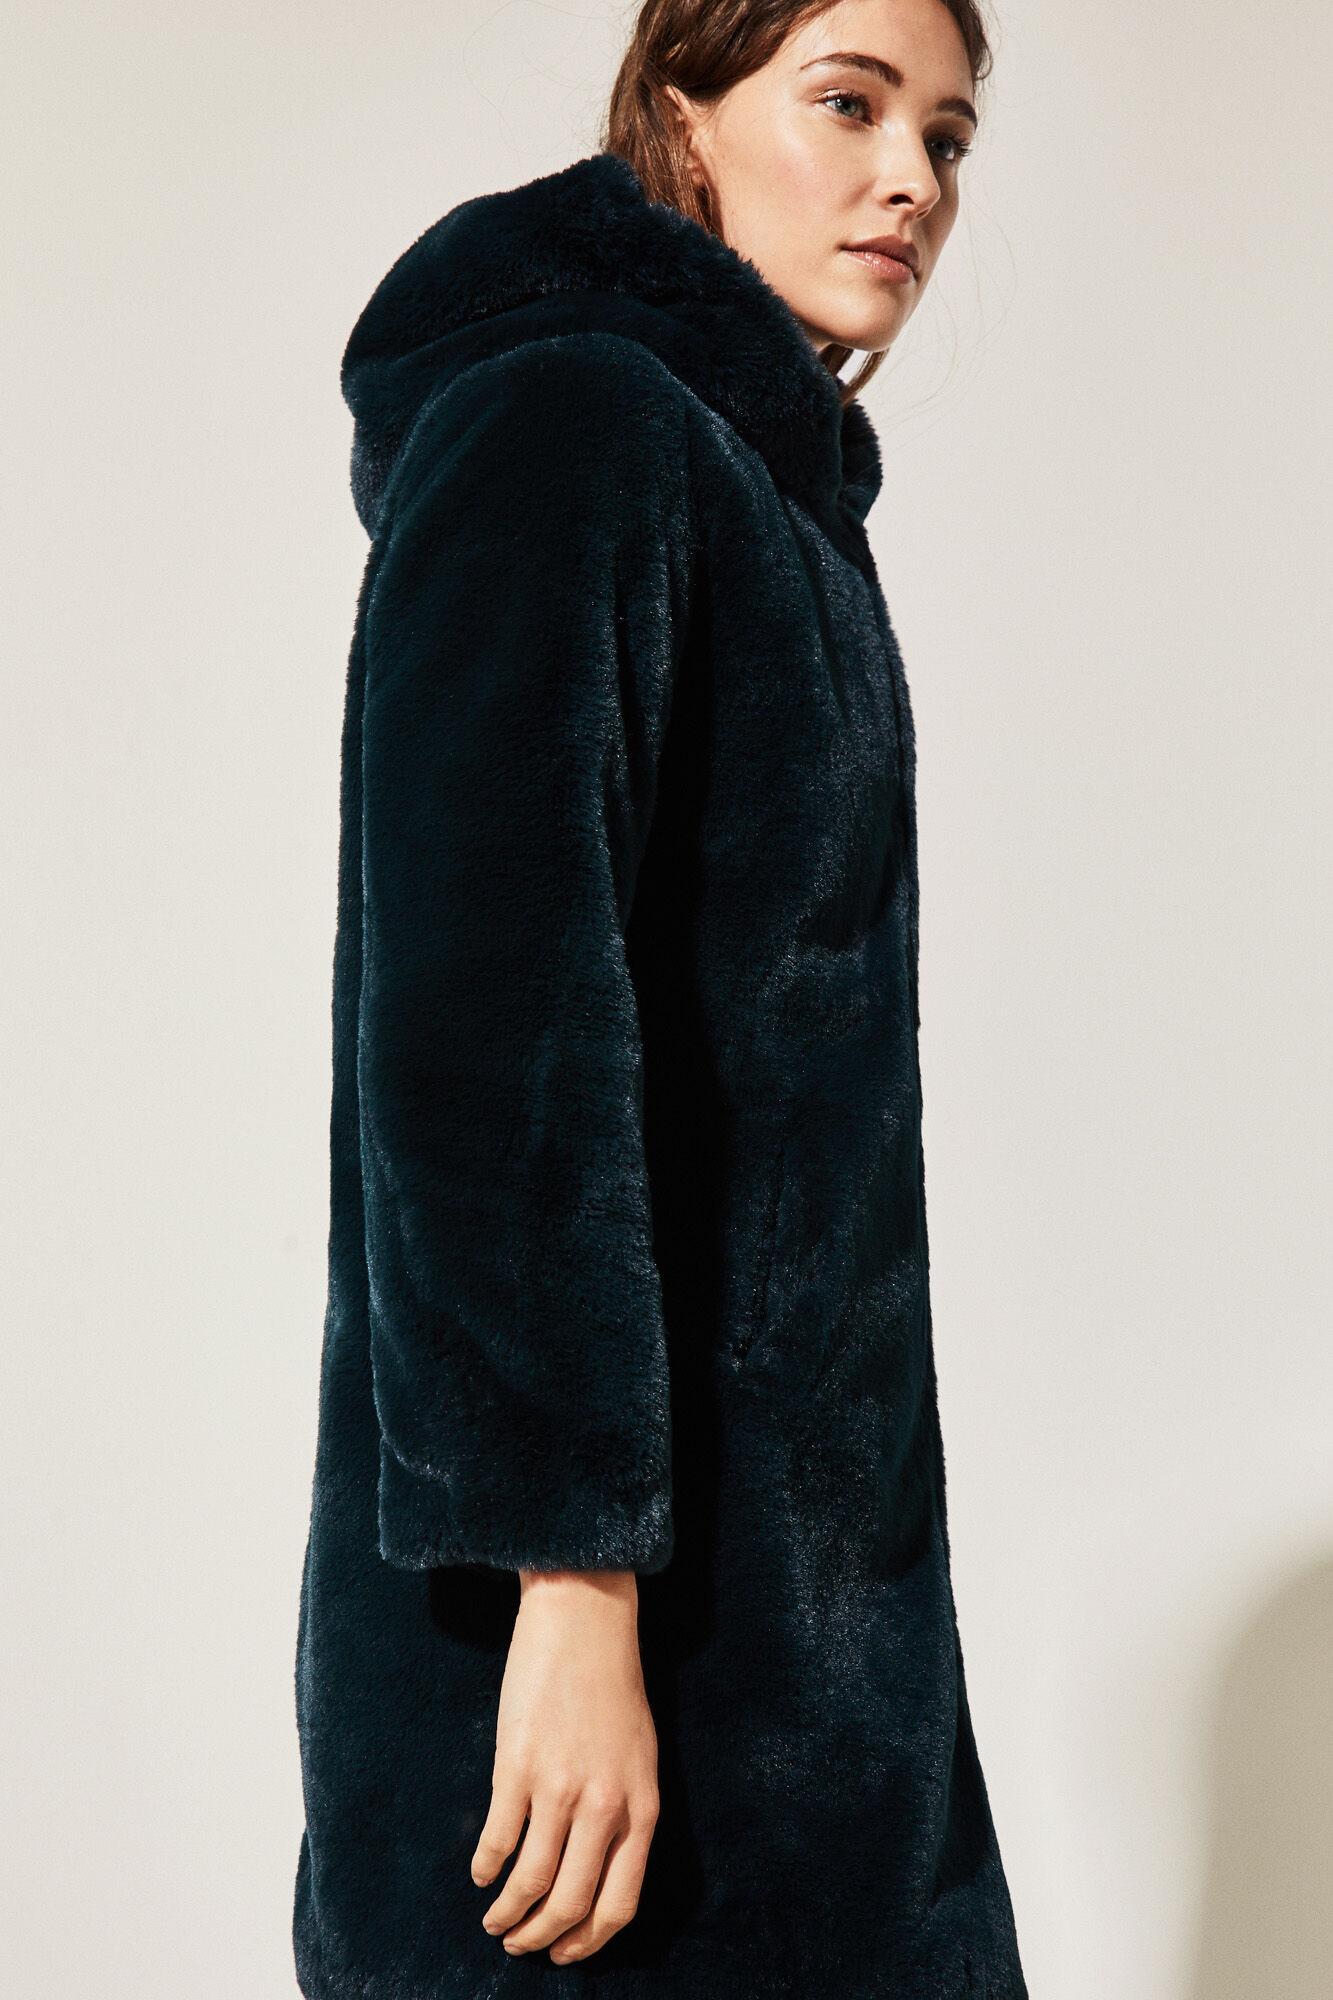 nuevo estilo e0984 a1ea5 Abrigo pelo con capucha – Revista de moda popular